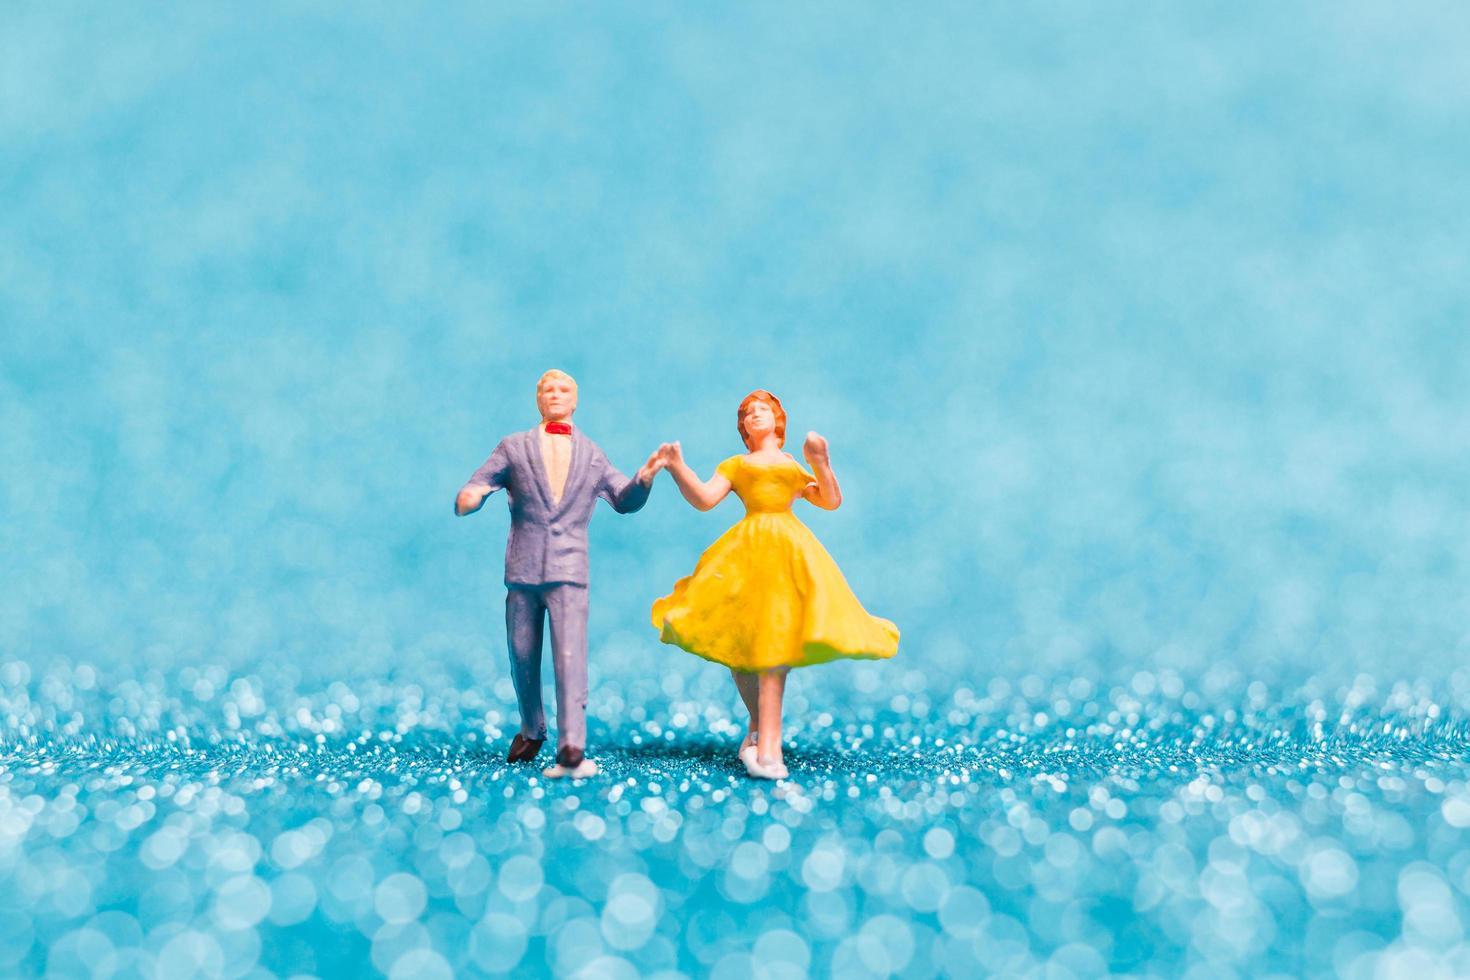 miniatuurpaar dansen op blauwe glitter achtergrond, Valentijnsdag concept foto